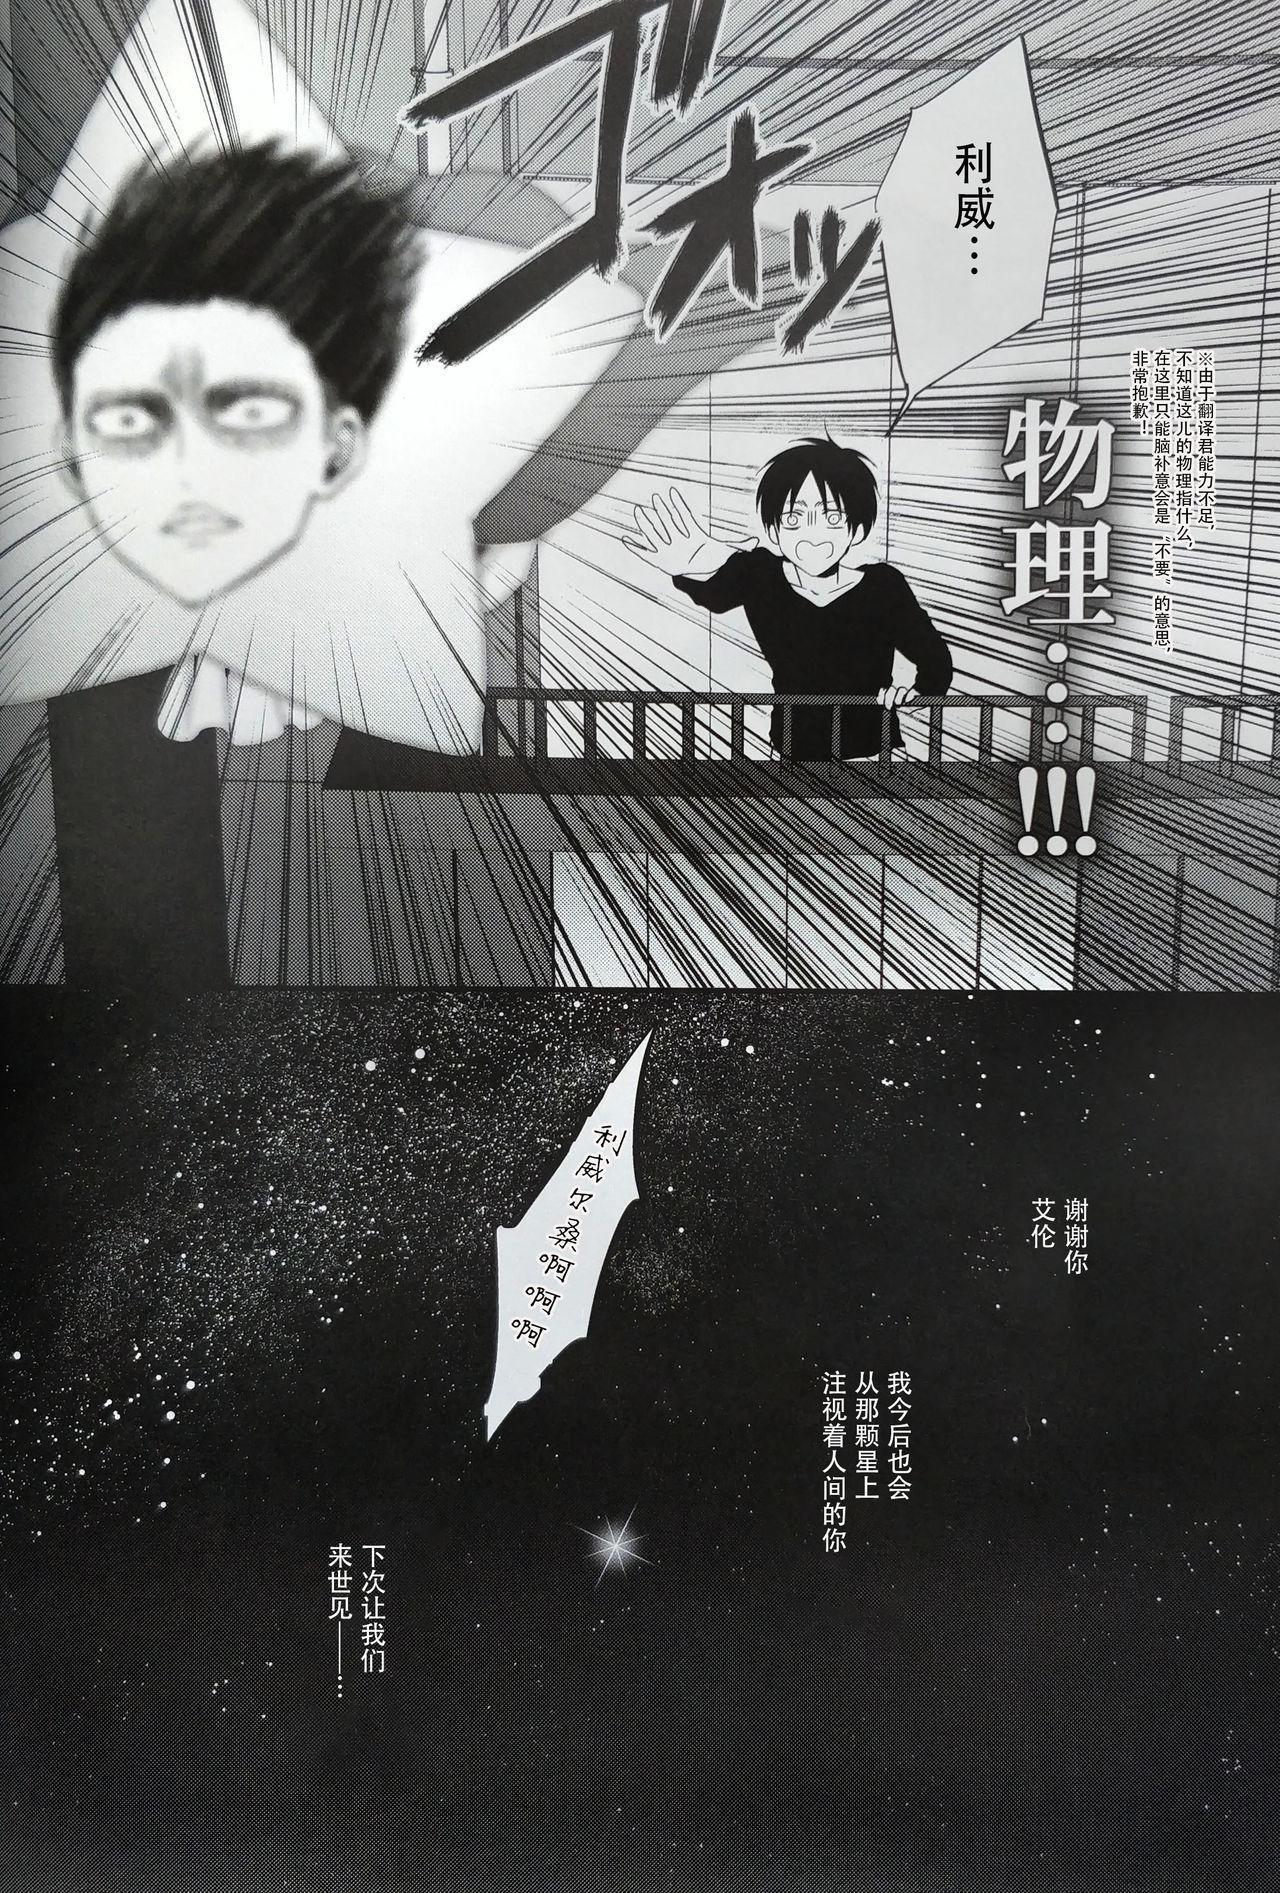 Hoshi e cho ni onegai ~tsu! | 向星兵长许愿! 31